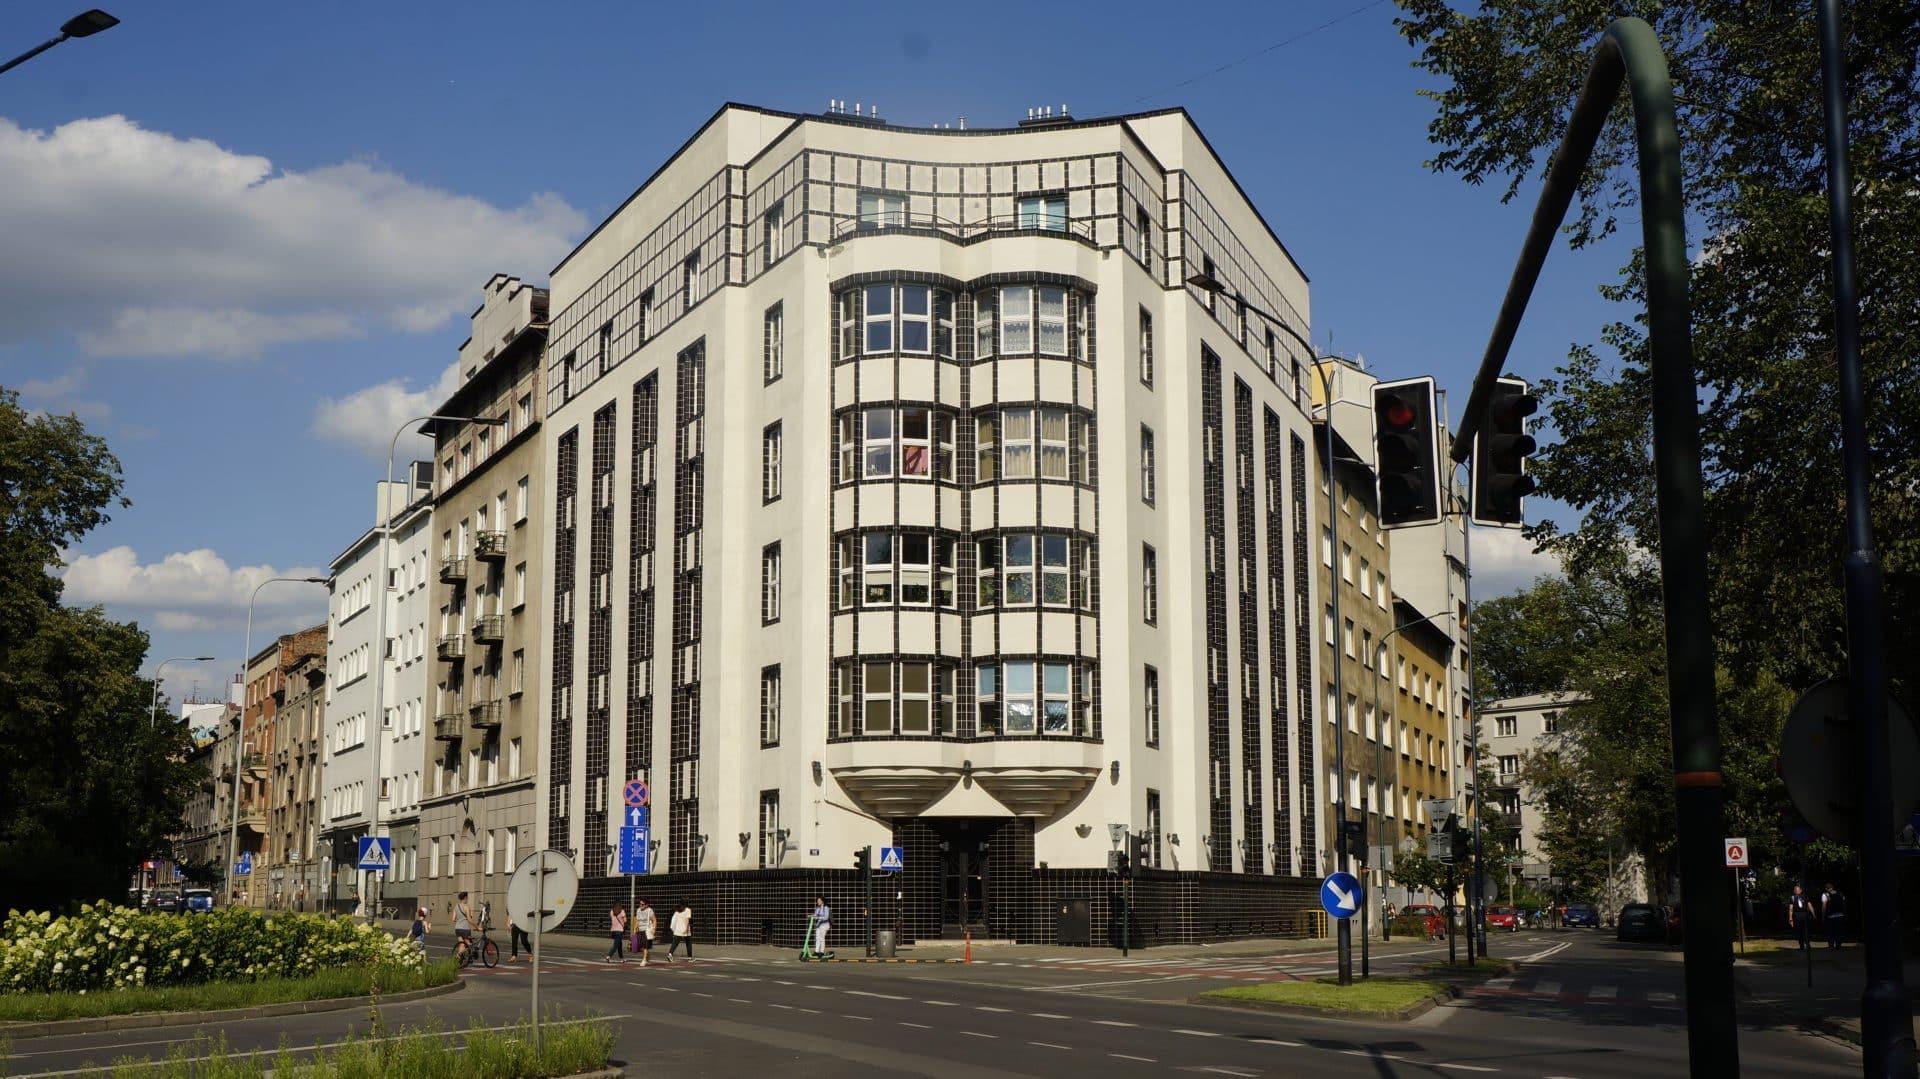 Dom profesorów Uniwersytetu Jagiellońskiego przy alei Juliusza Słowackiego 15. Tutaj Rudolf Weigl mieszkał w początkowym okresie pobytu w Krakowie.